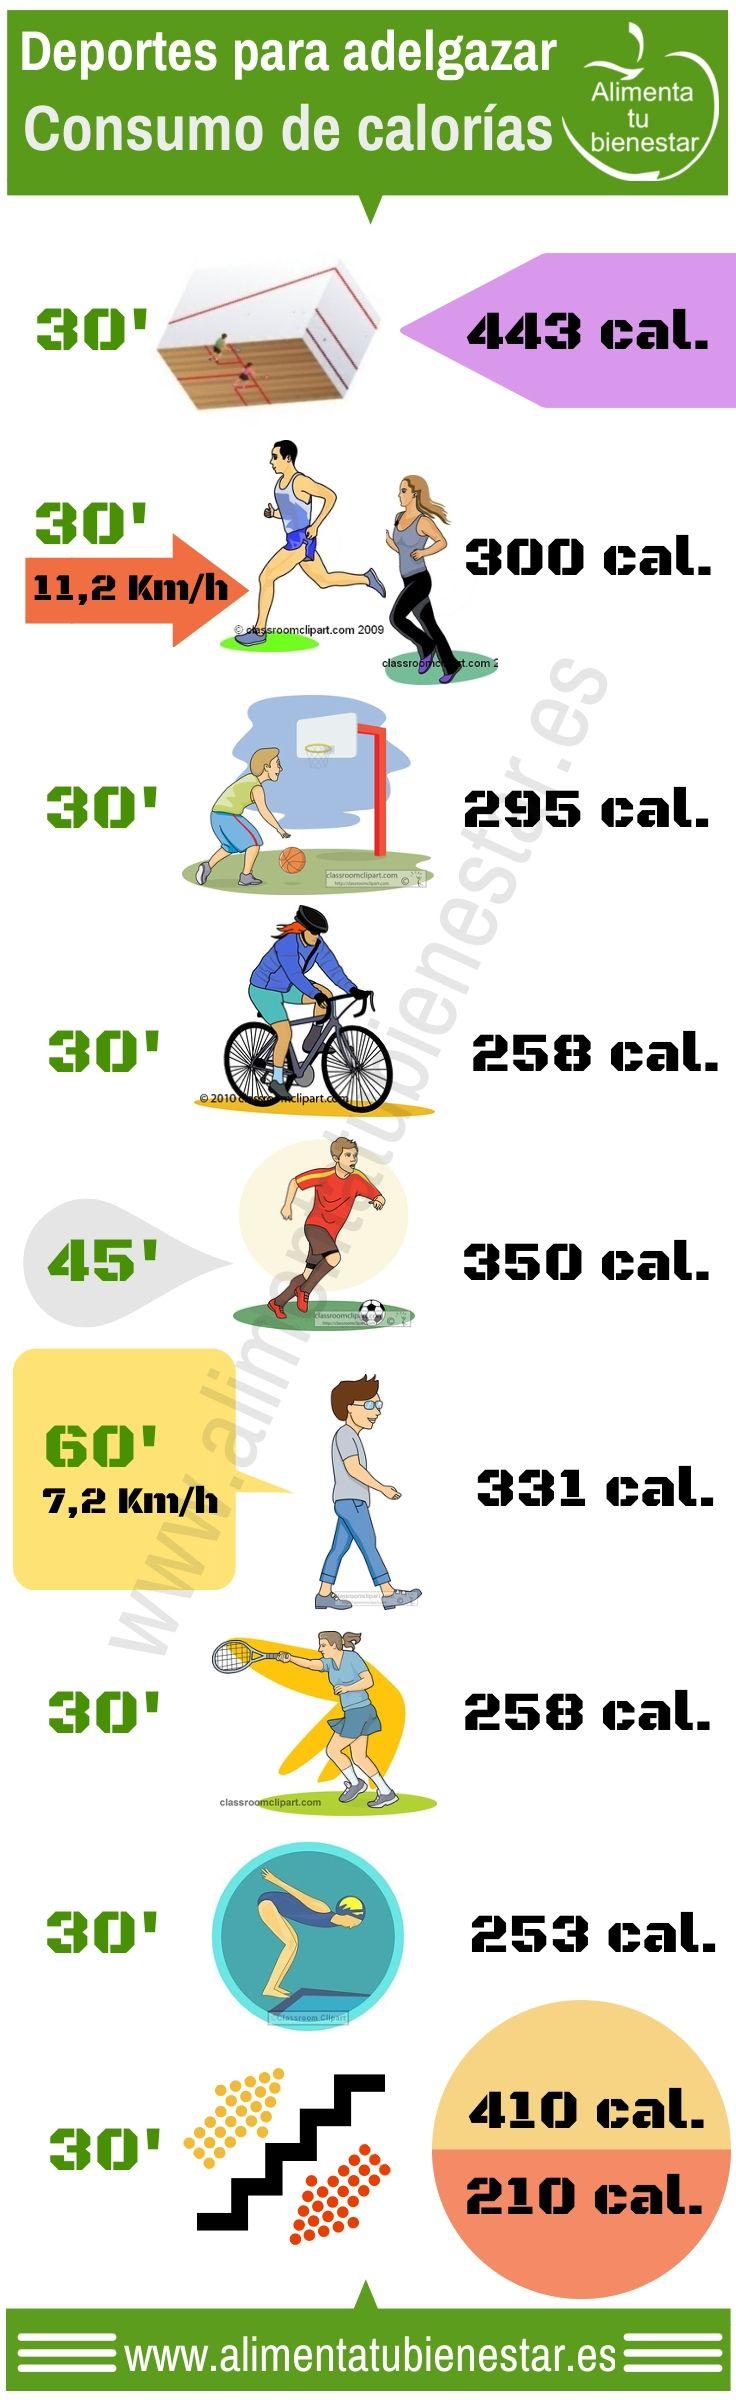 Correr o bici para adelgazar